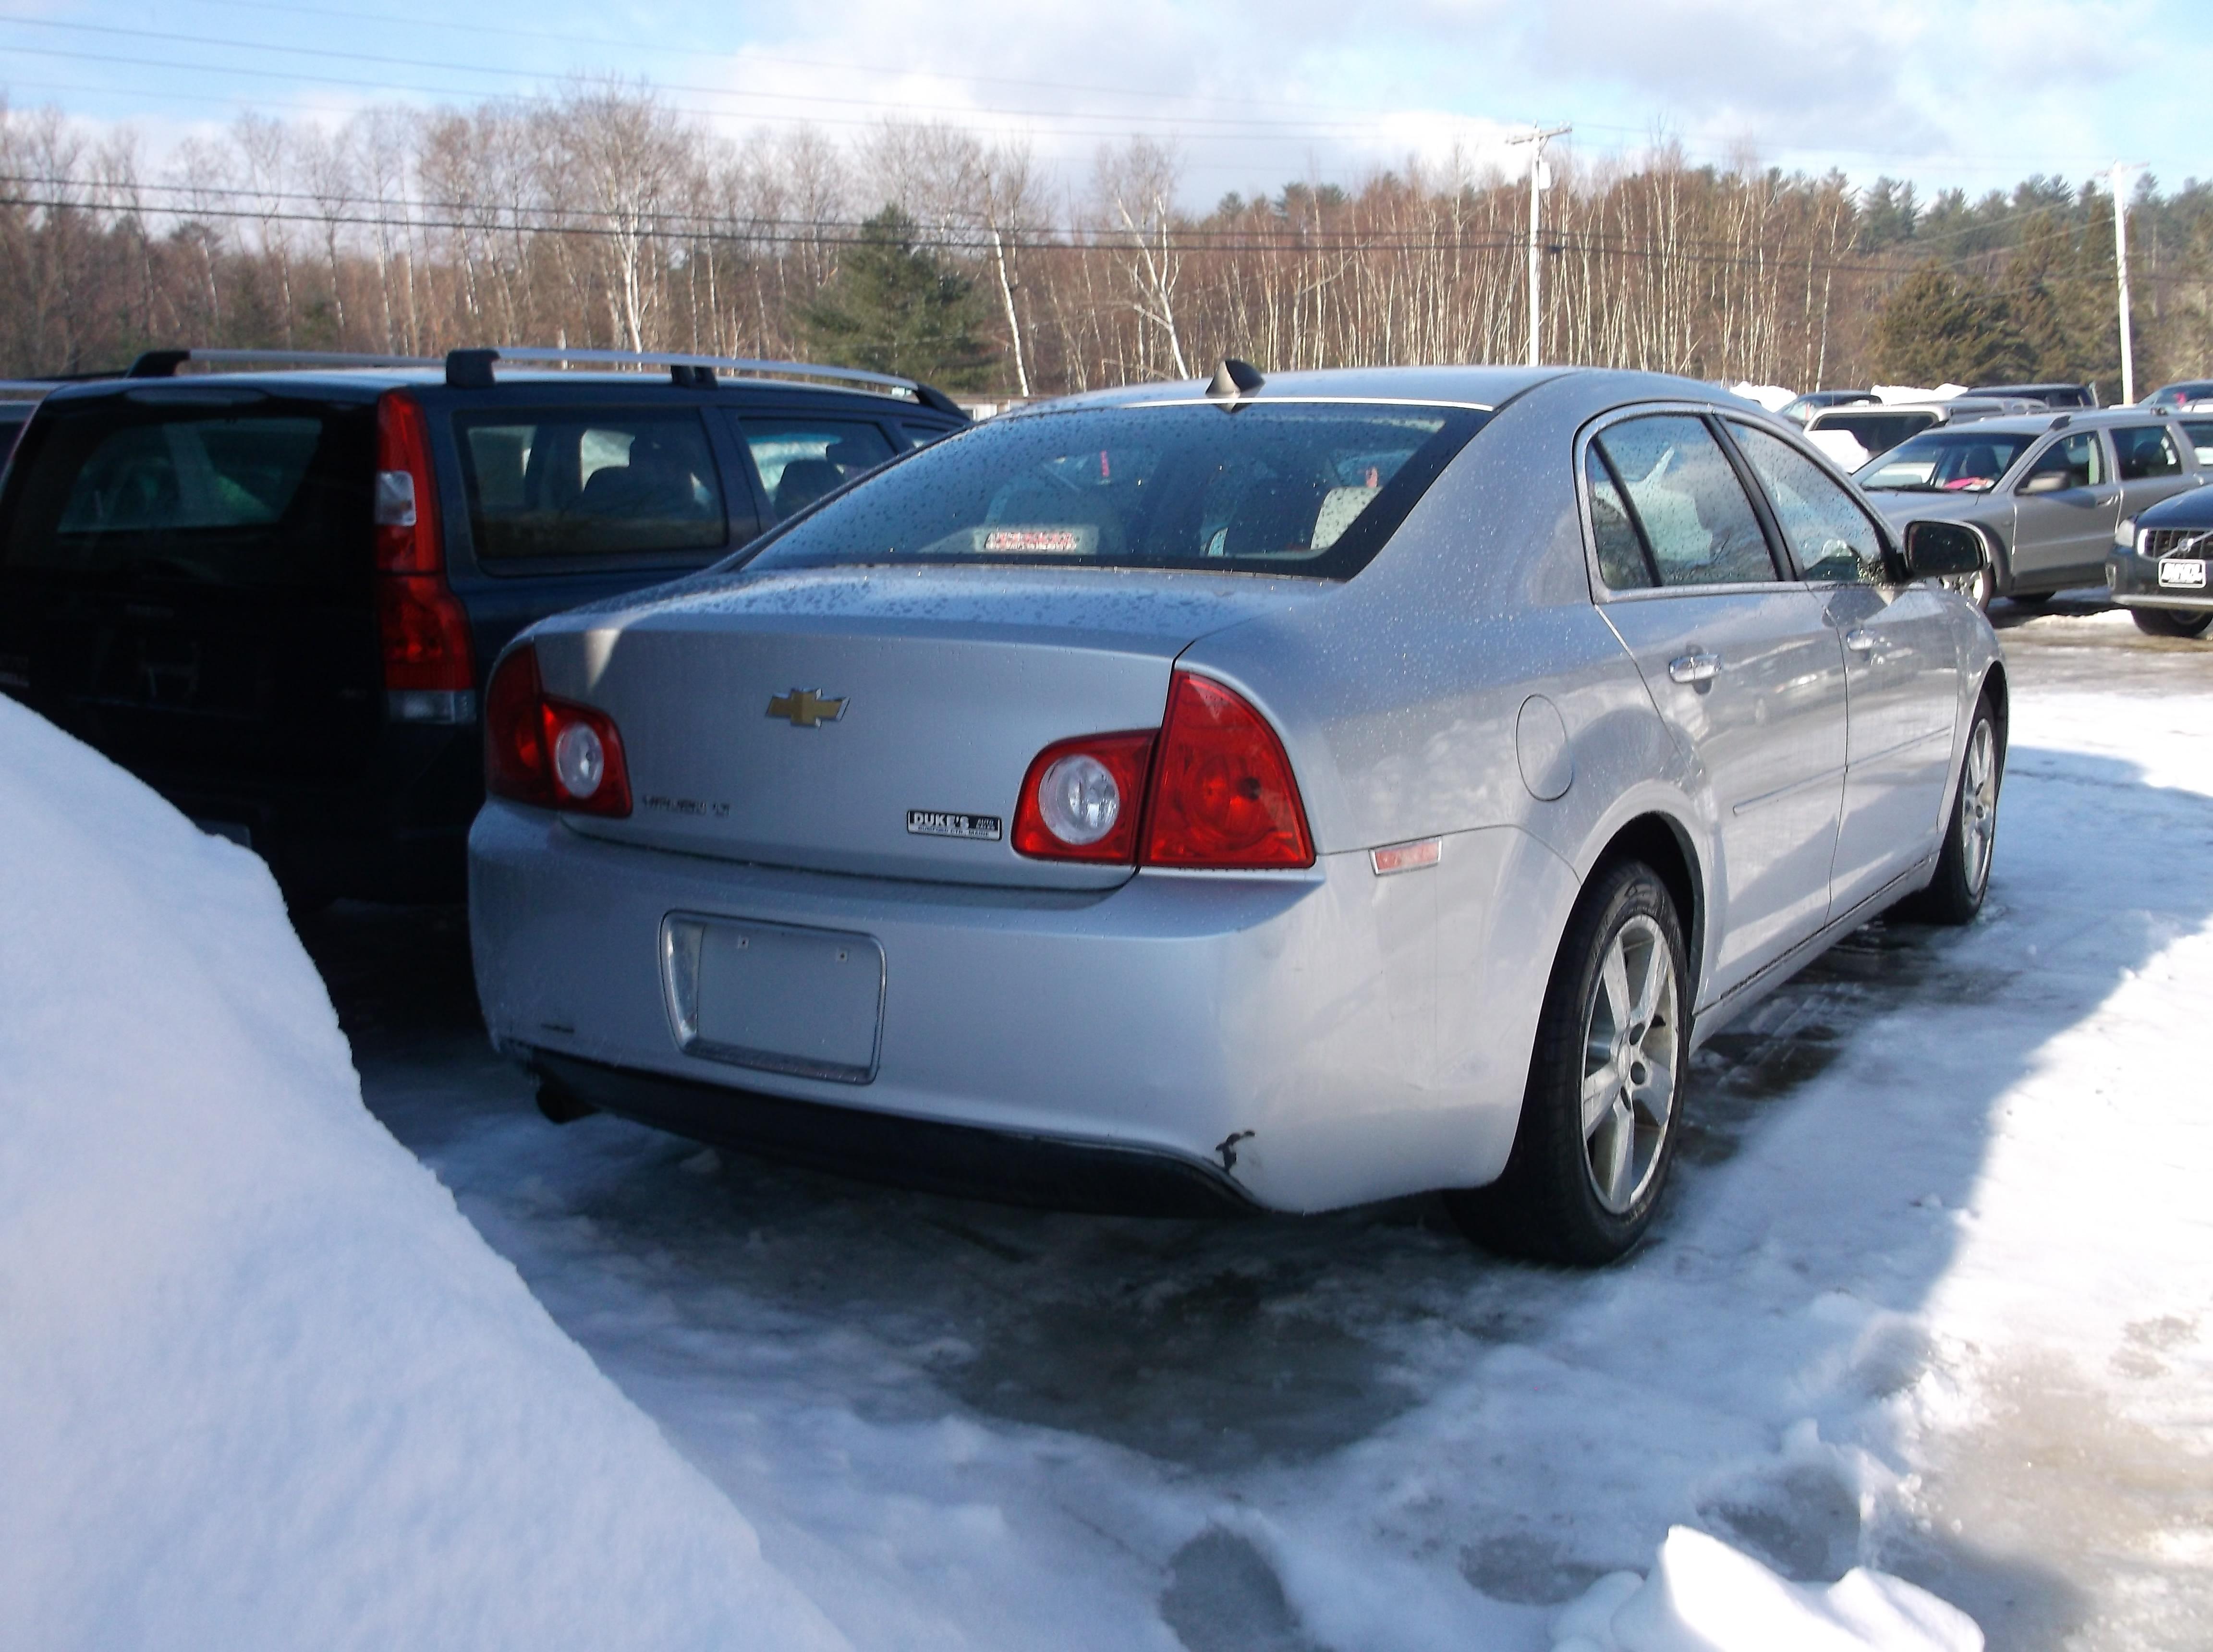 2012 Chevrolet Malibu LT $4995 00 | Dukes Auto SalesDukes